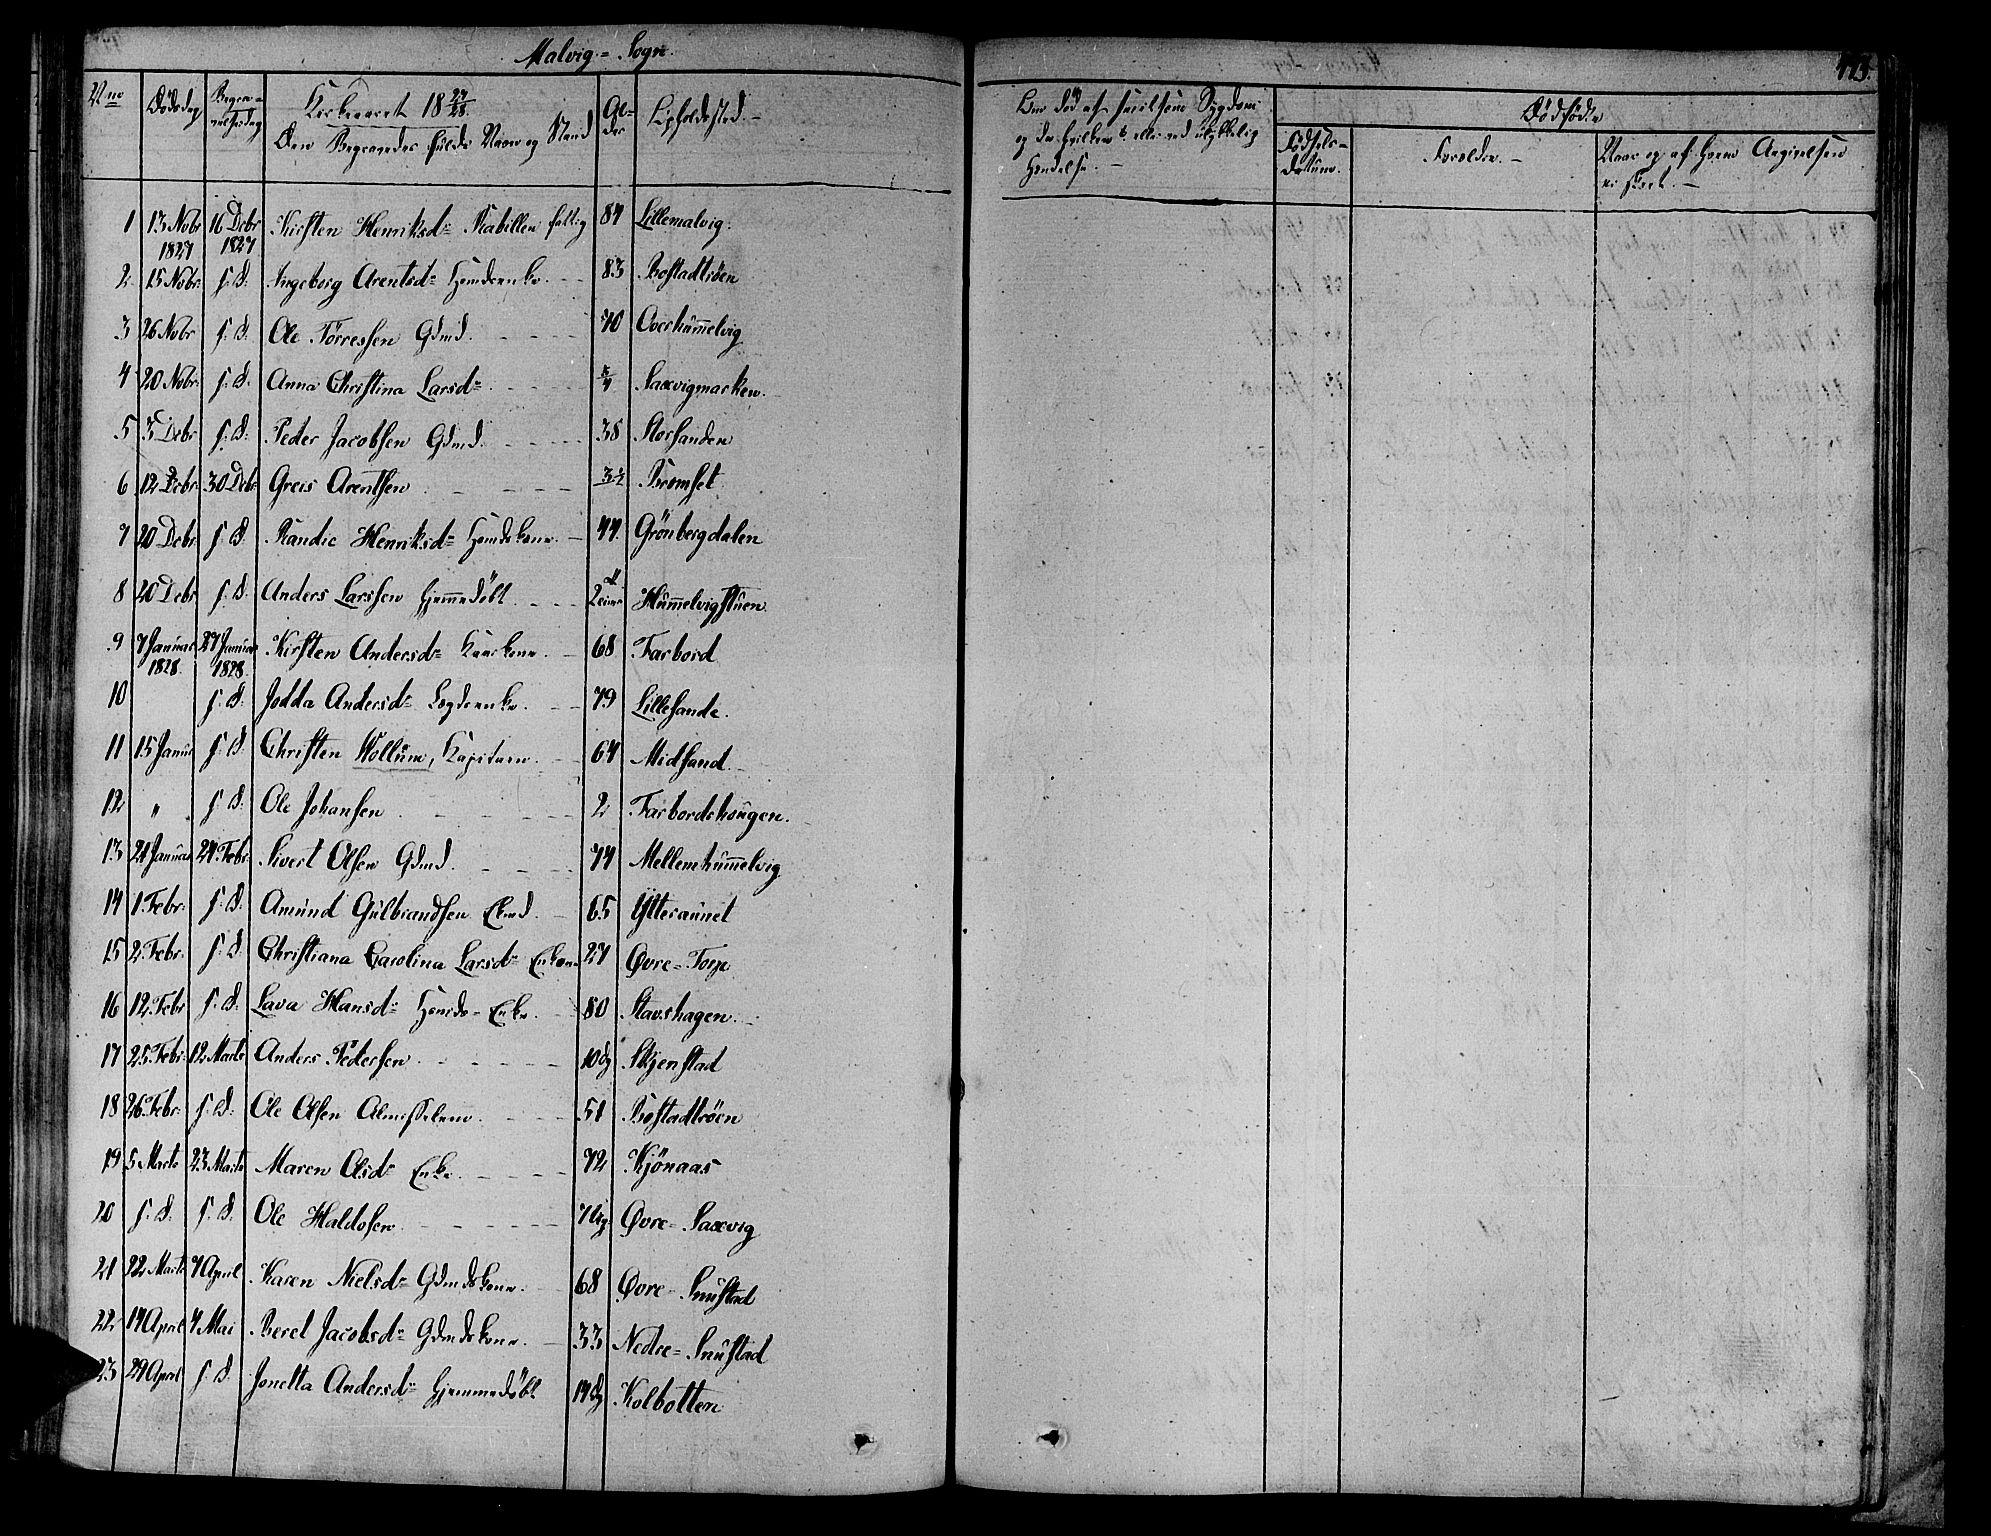 SAT, Ministerialprotokoller, klokkerbøker og fødselsregistre - Sør-Trøndelag, 606/L0288: Ministerialbok nr. 606A04 /3, 1826-1840, s. 493